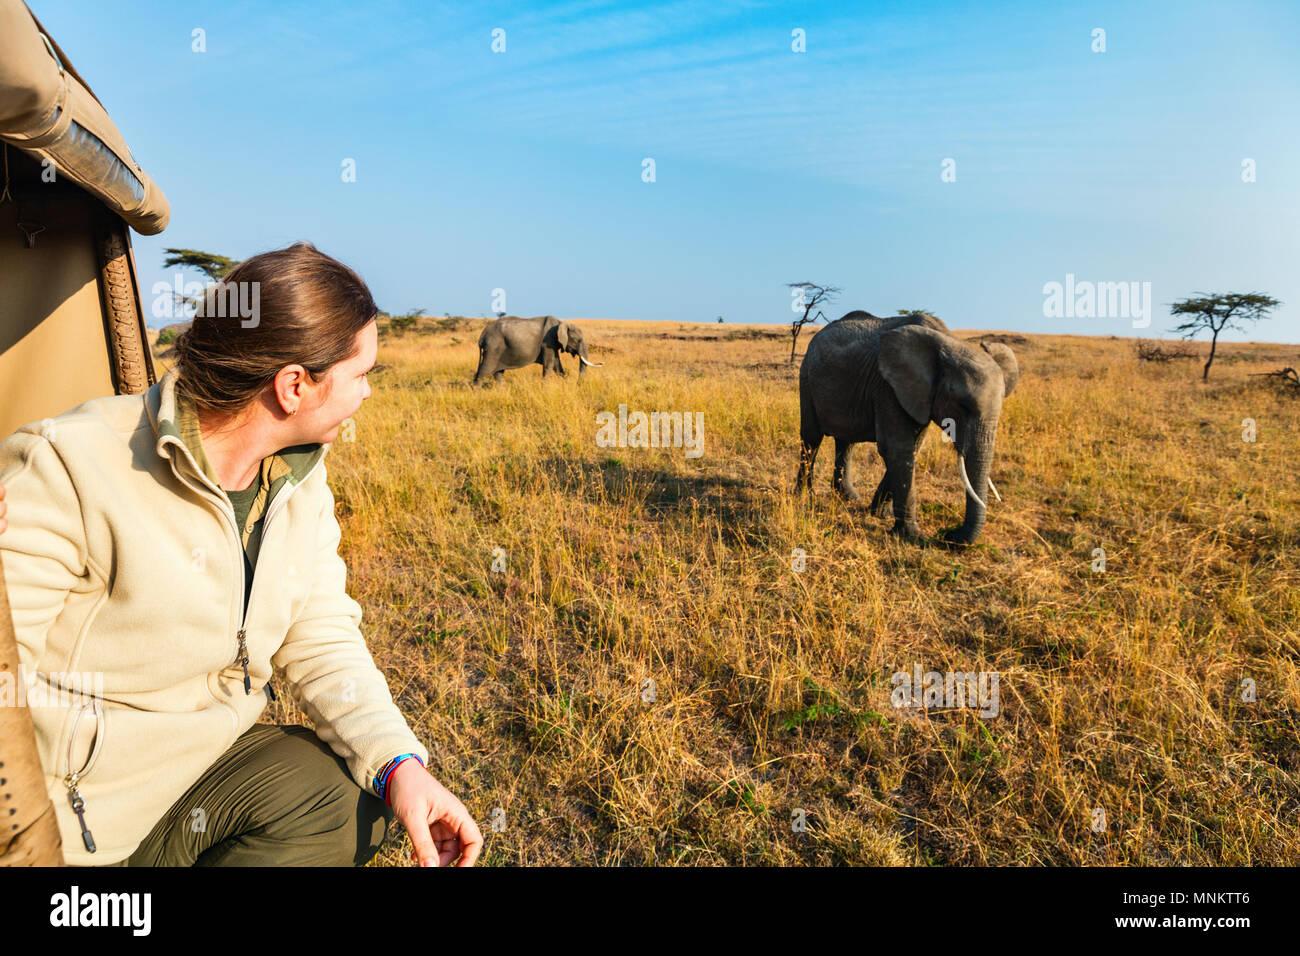 Mujer en safari juego paseo disfrutando de encuentro cercano con los elefantes en Kenia África Foto de stock